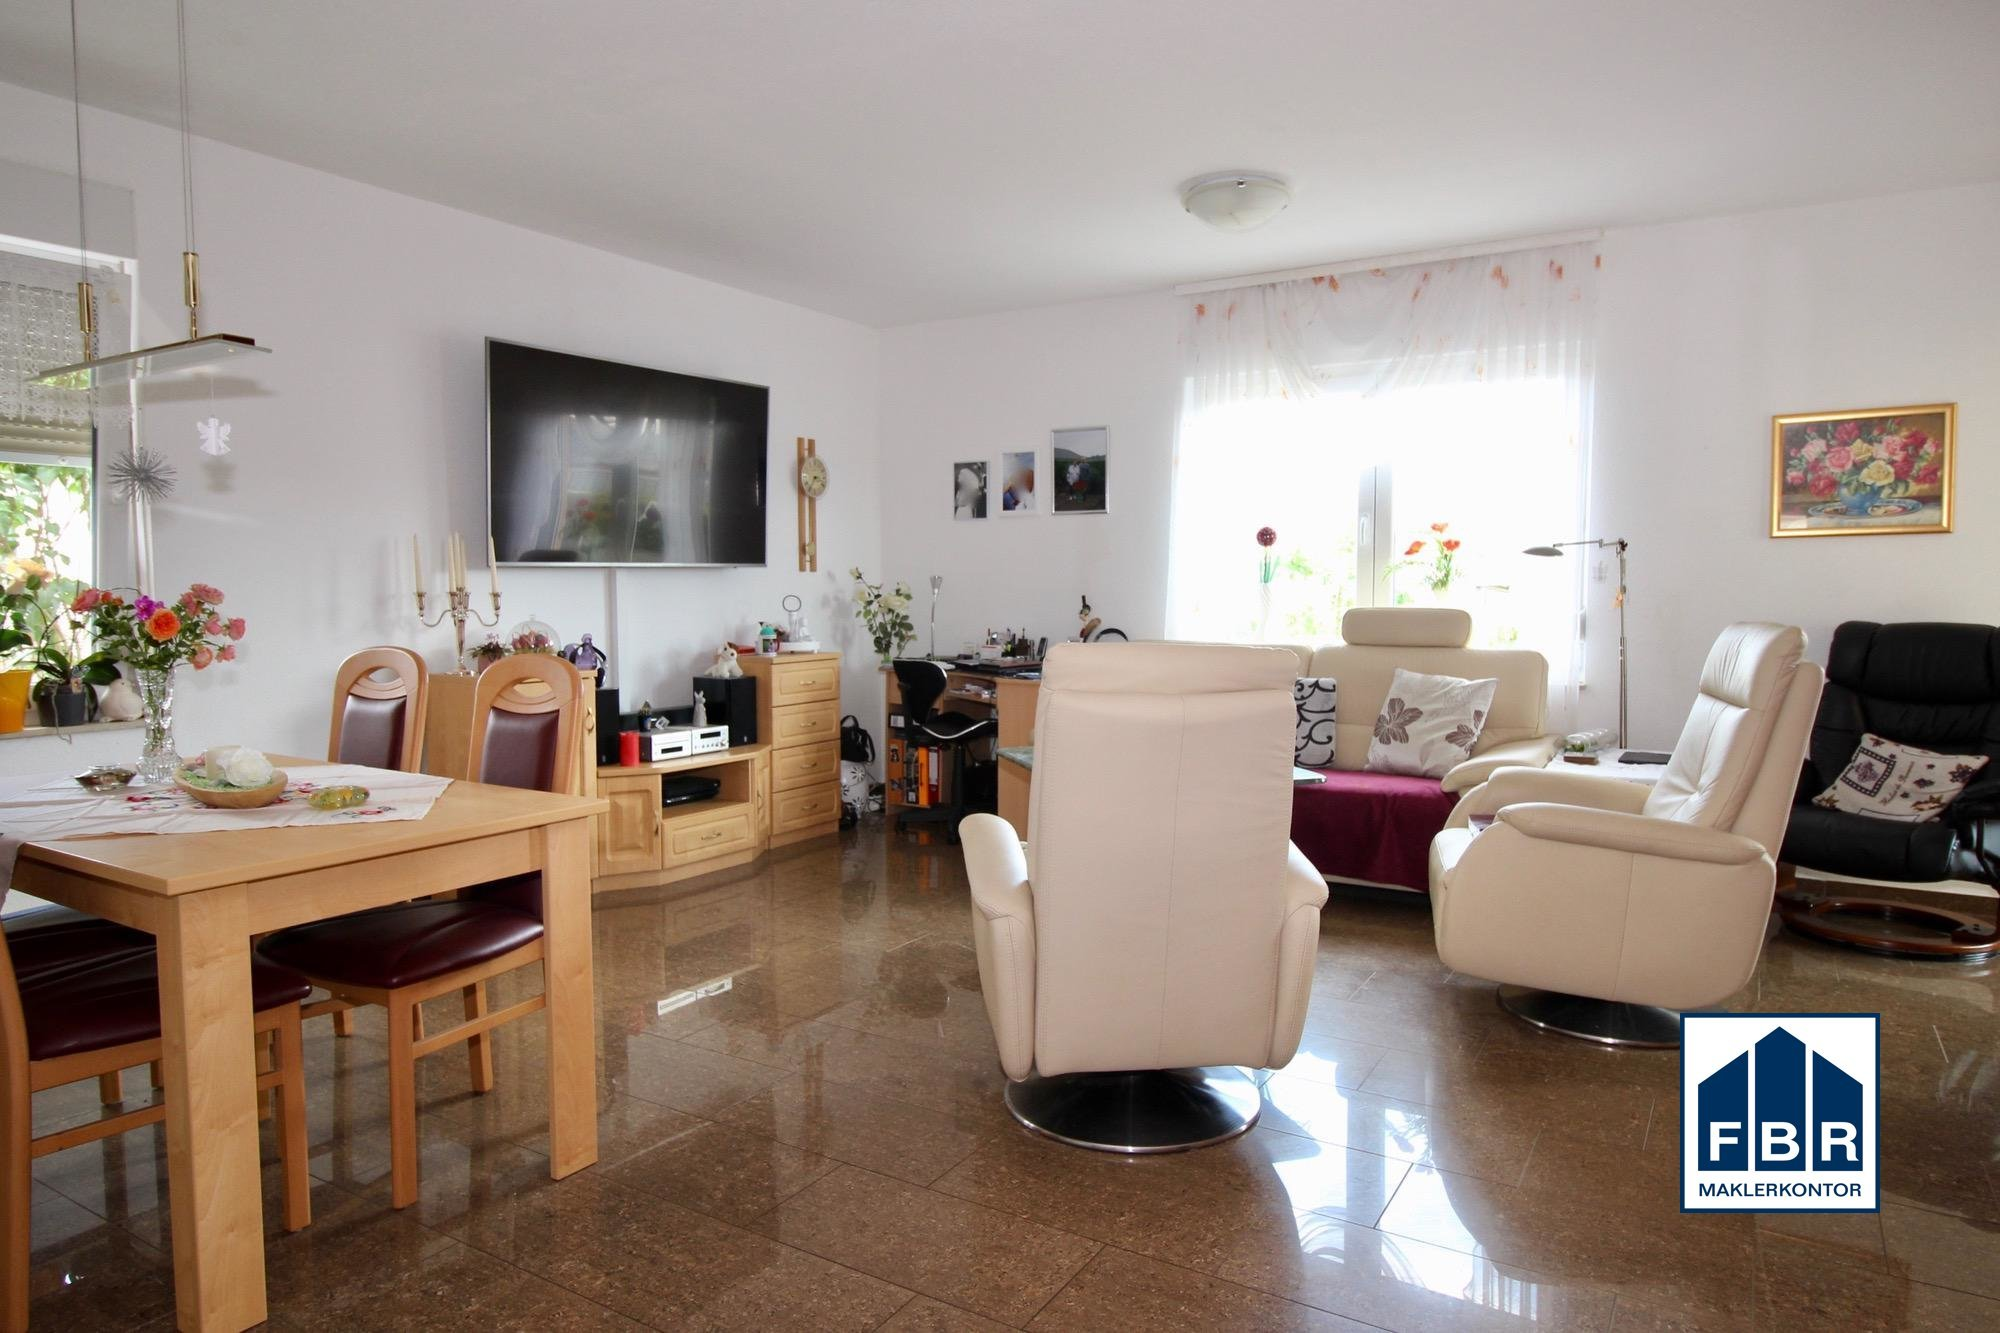 Wohnzimmer mit Essecke